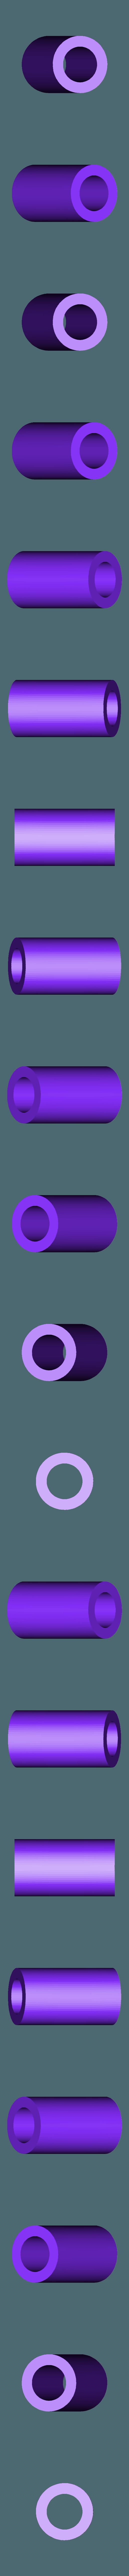 transmission_spining_handle_case.stl Télécharger fichier STL gratuit Transmission à engrenages coniques • Modèle à imprimer en 3D, matthewdwulff